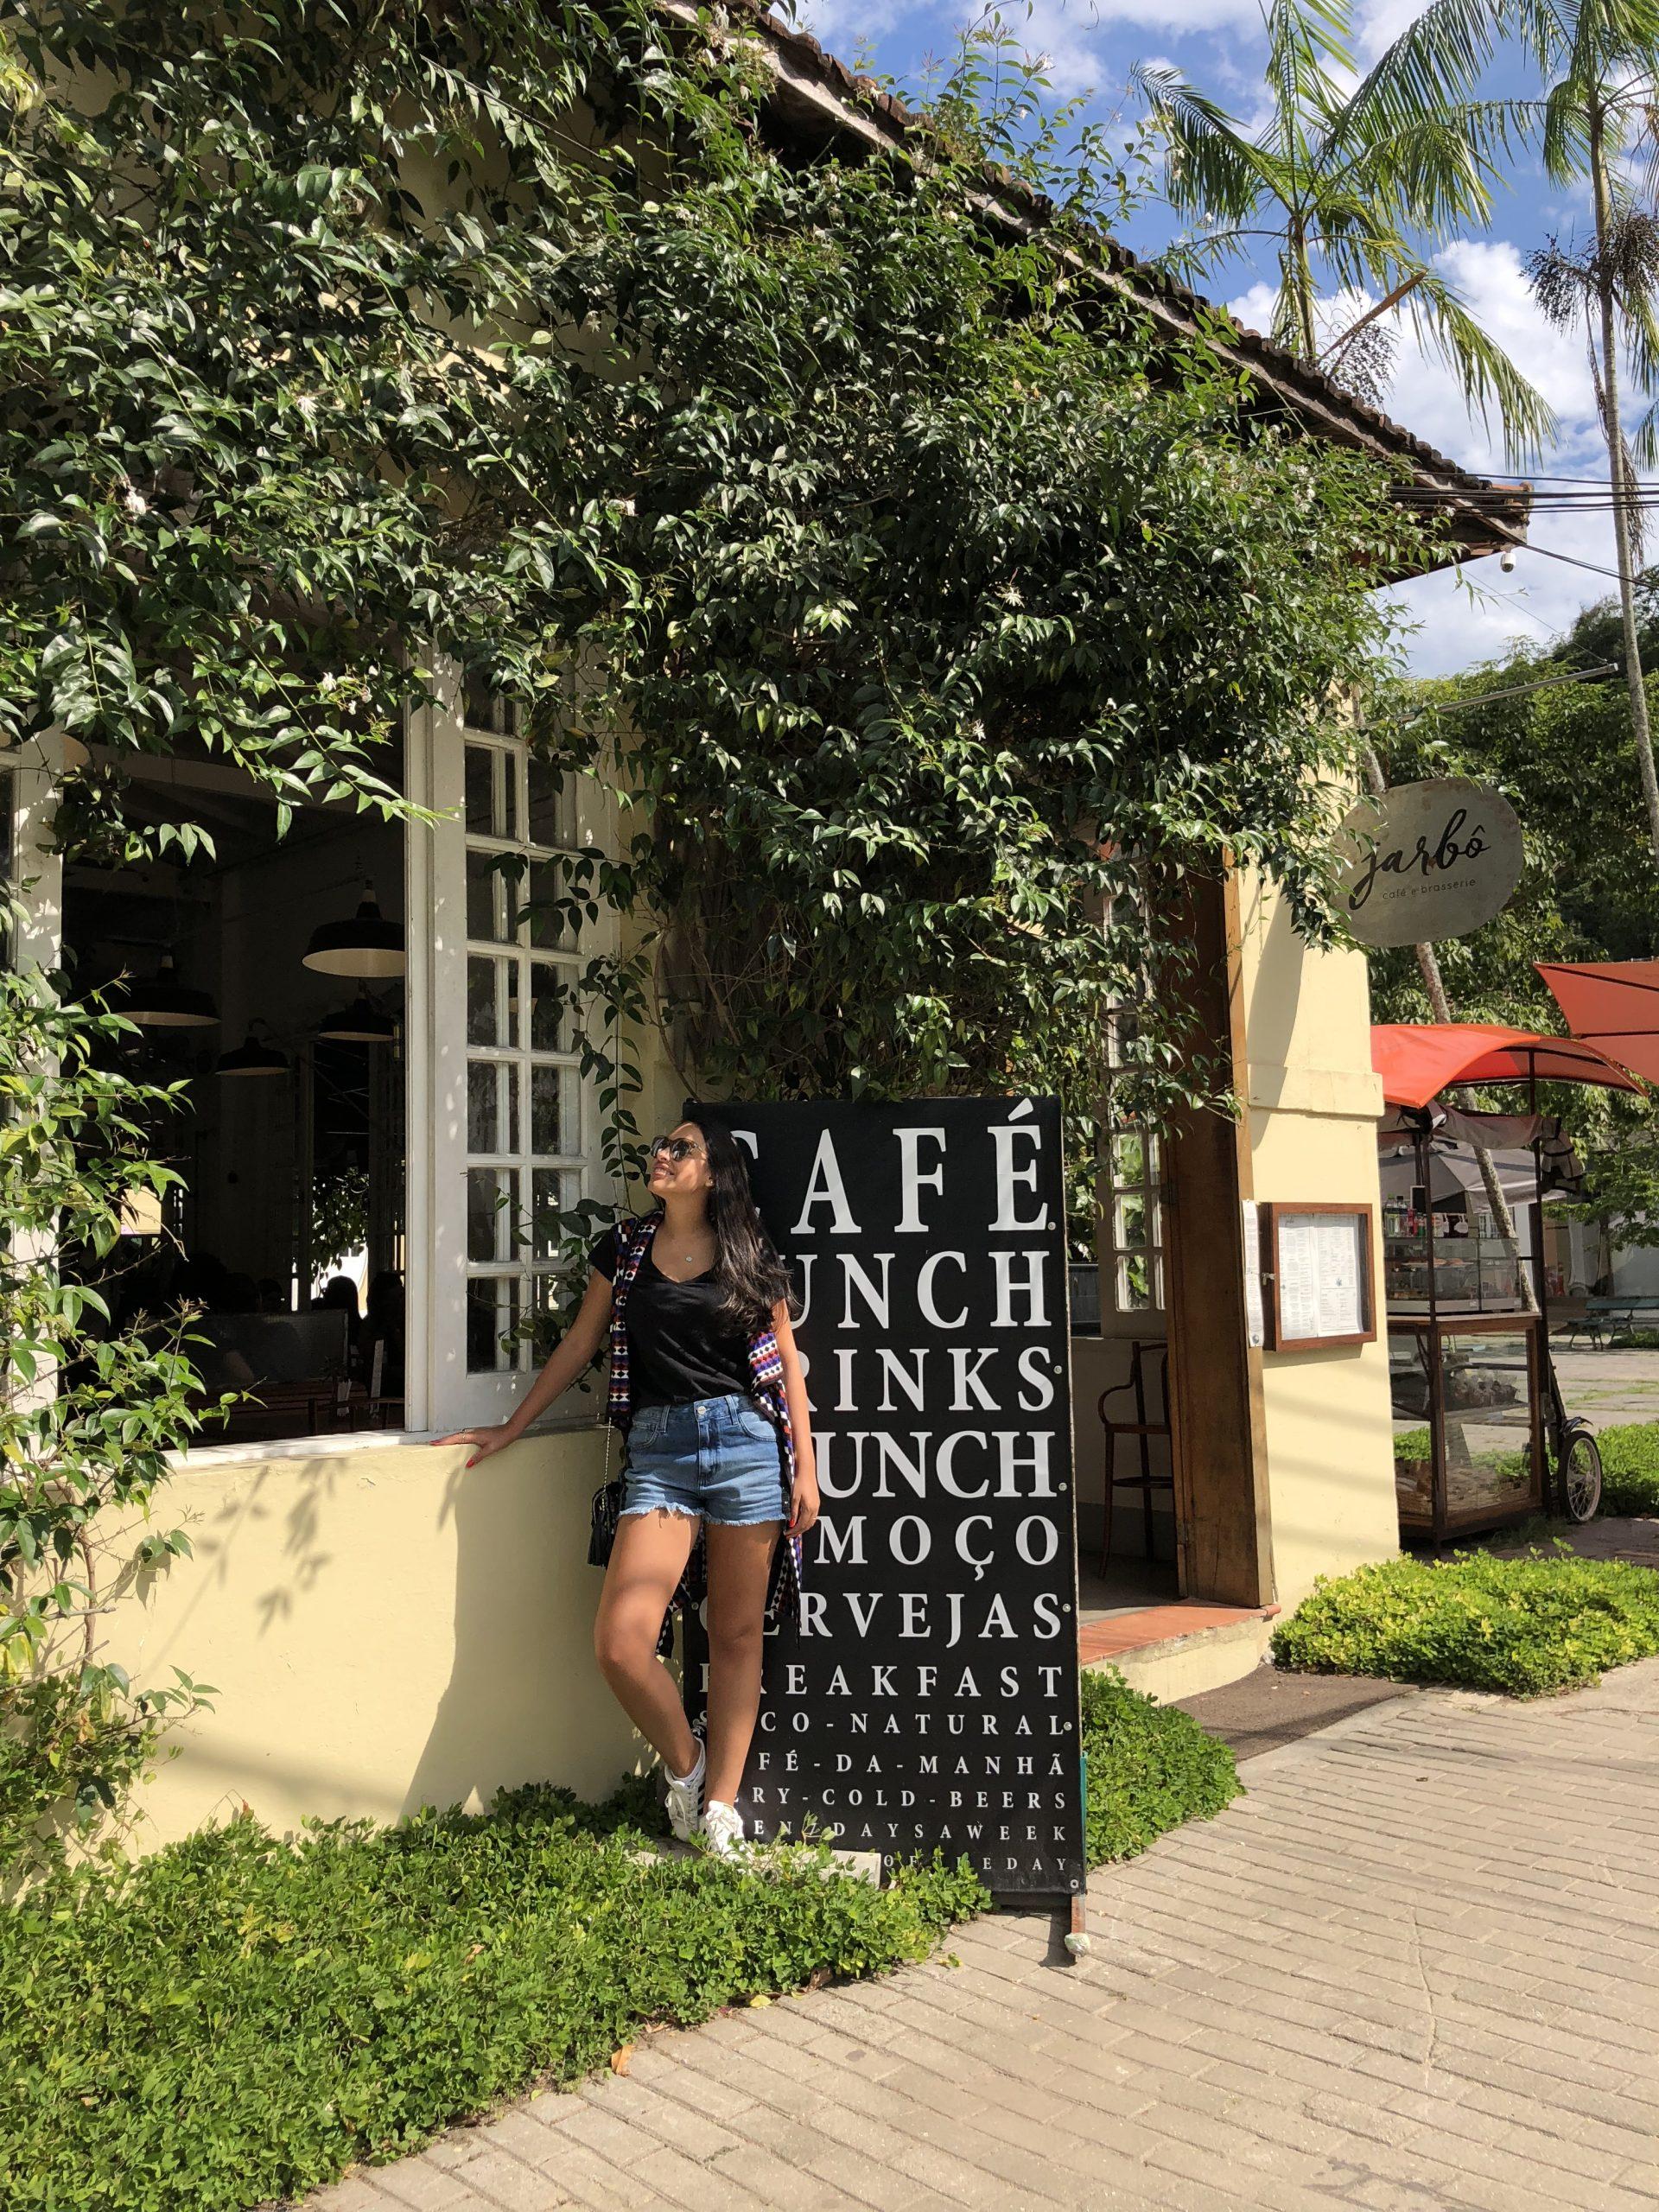 cafe_da_manha_jarbo_jardim_botanico